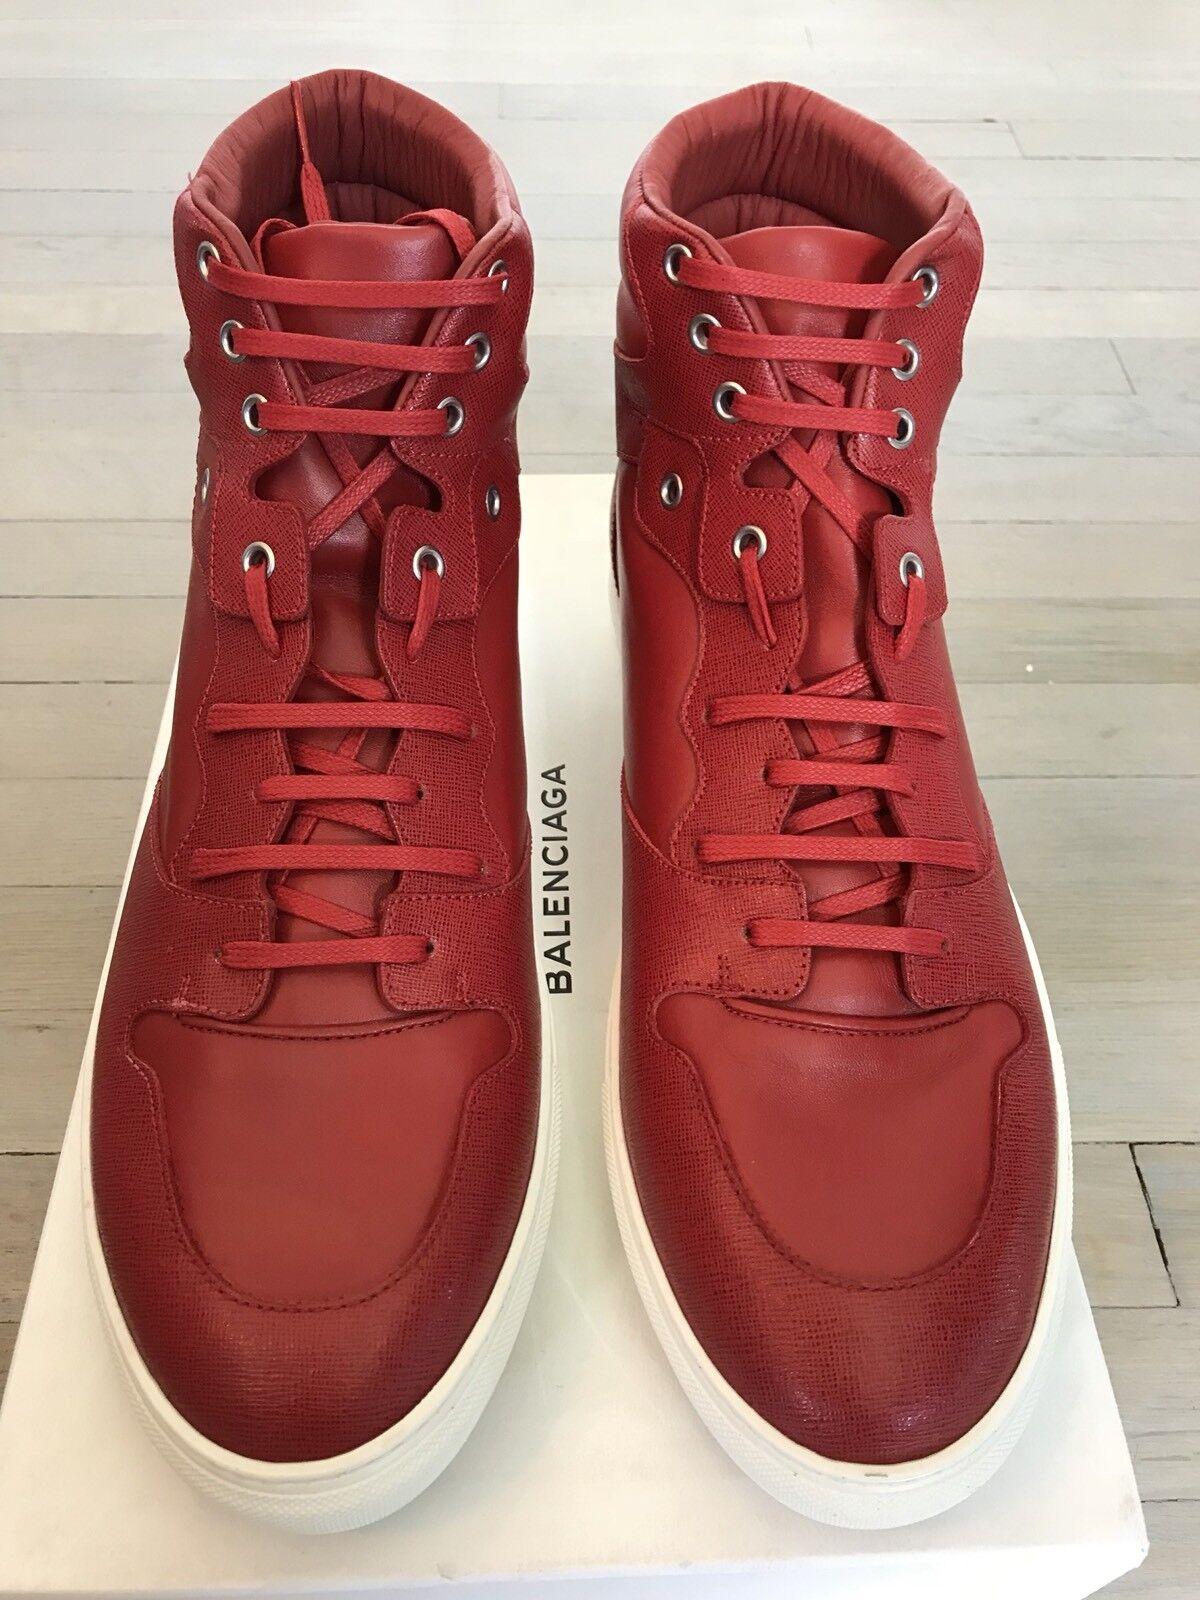 700  Balenciaga Red Pelle High Tops EU  size   13, EU Tops 46 99f0bc